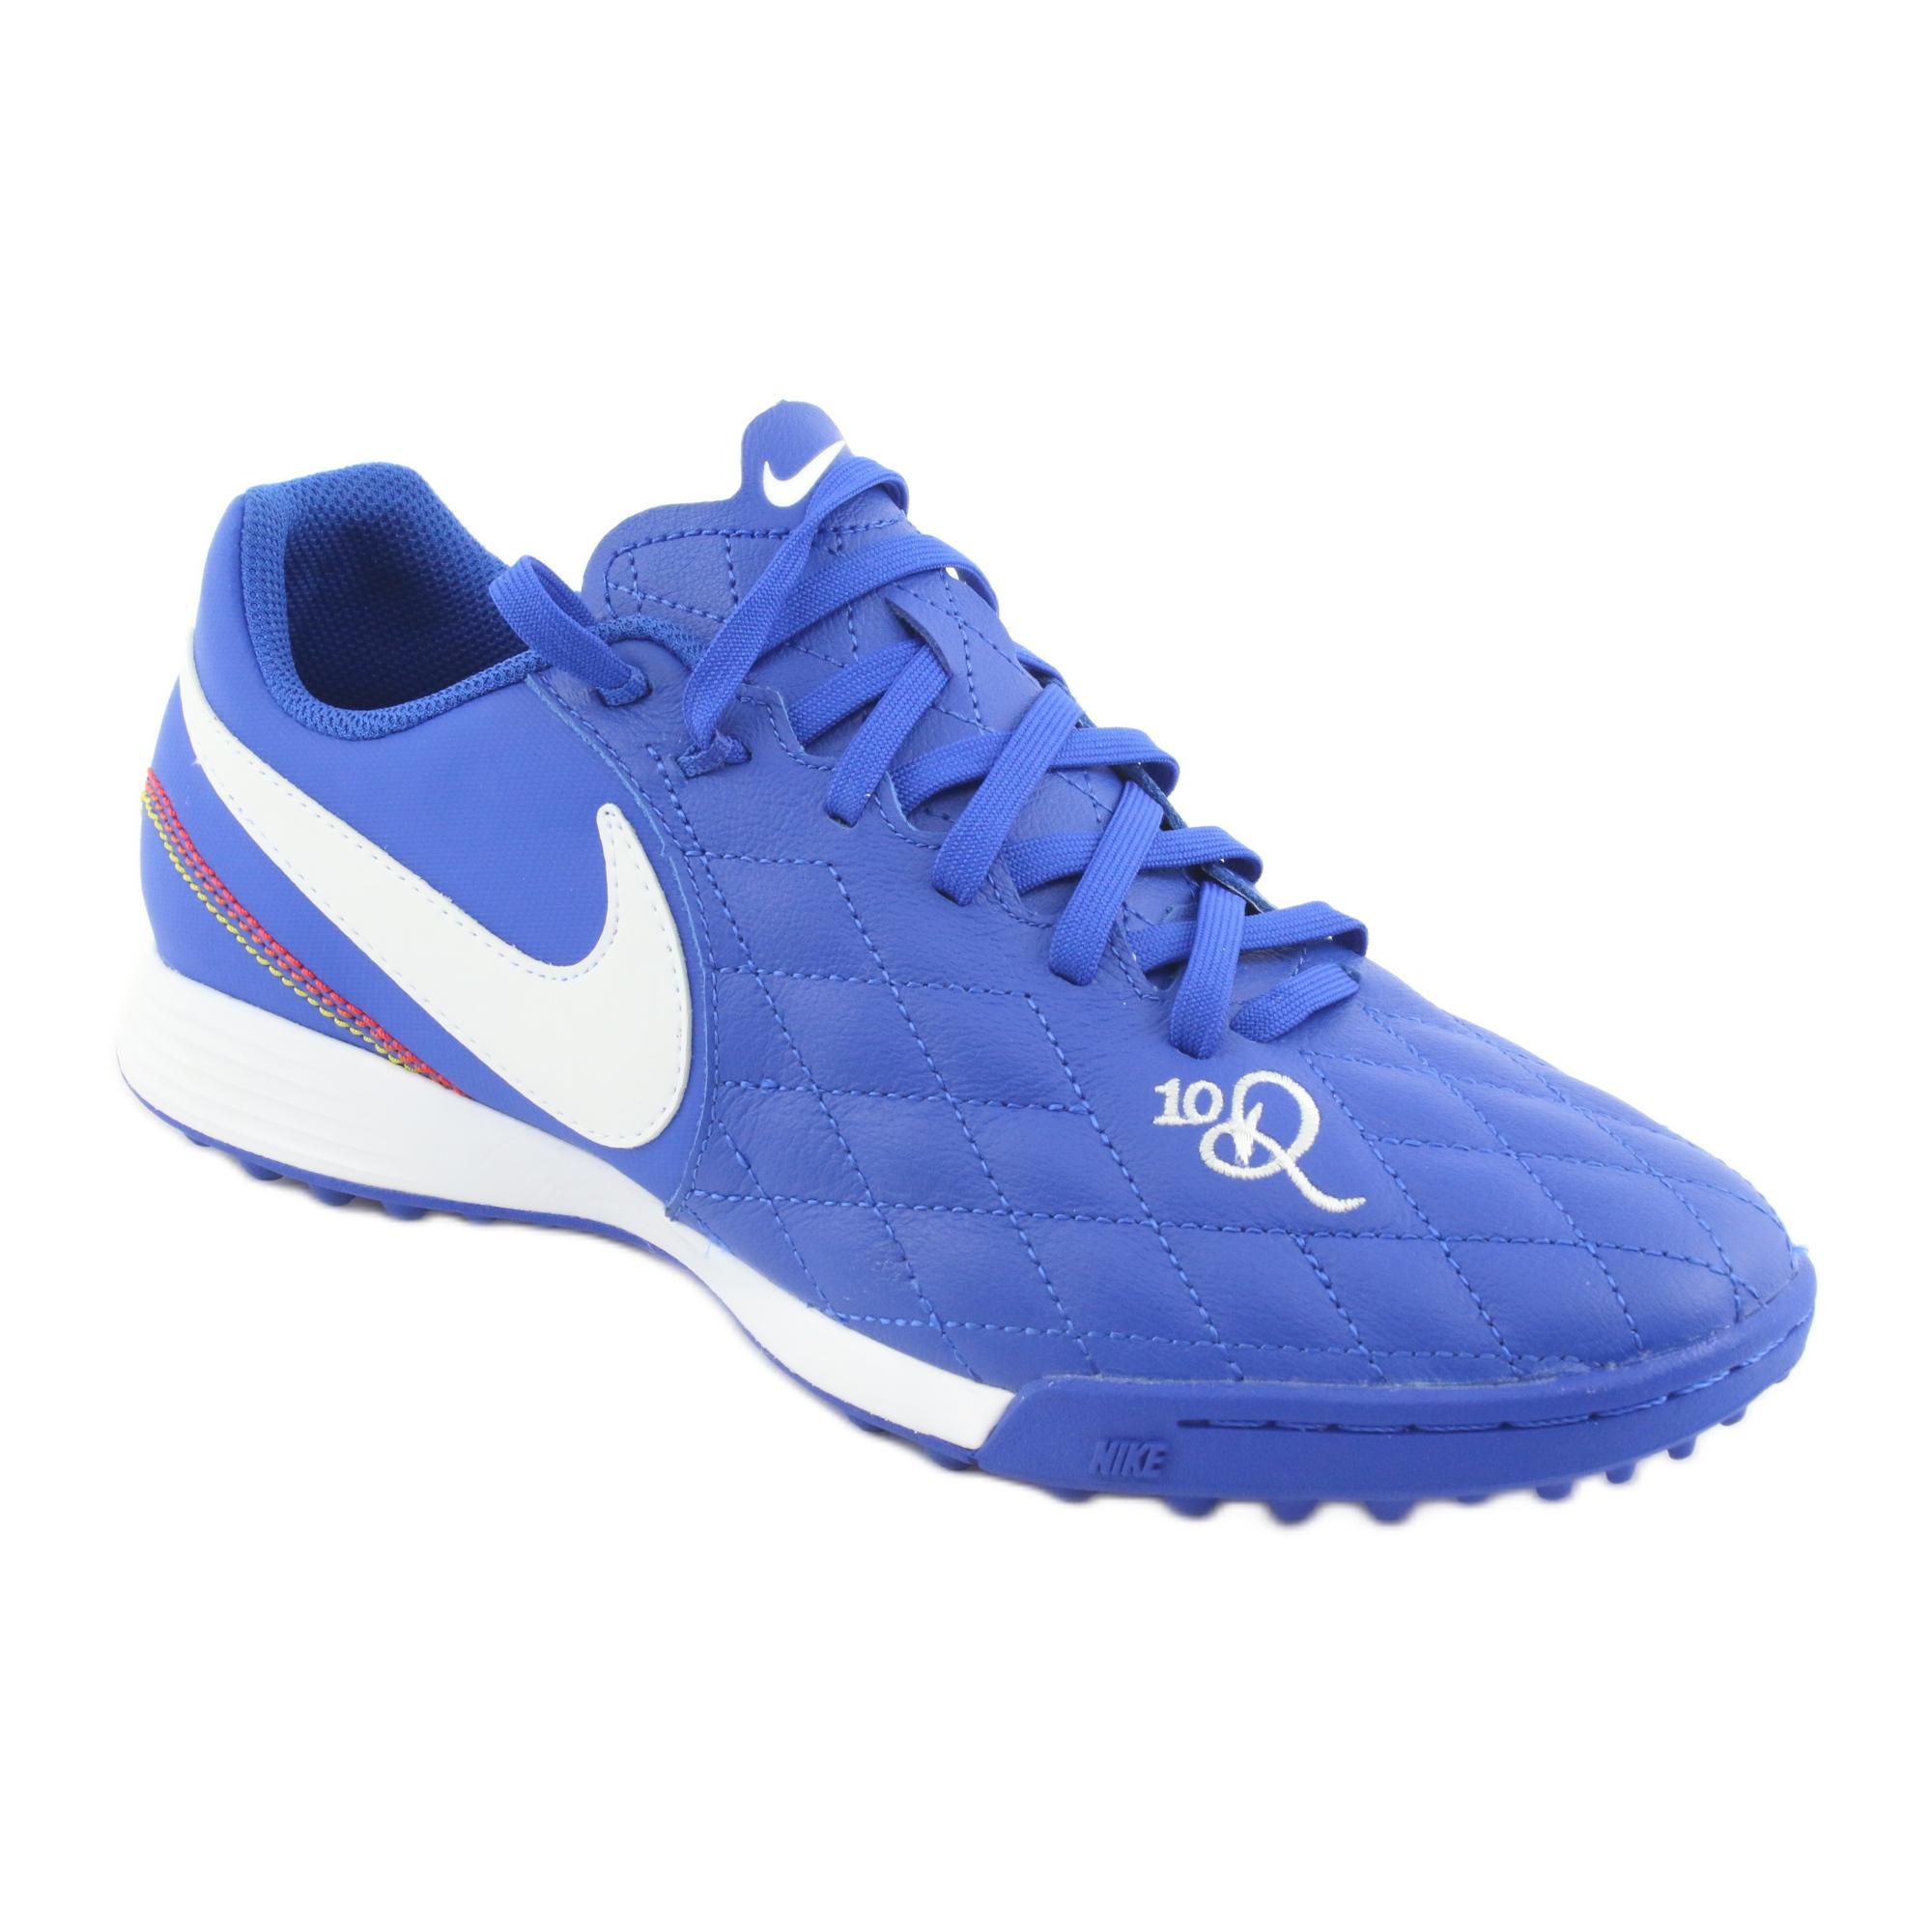 Calzado de fútbol Nike Tiempo Legend 7 Academy 10R Tf M AQ2218 410 azul azul